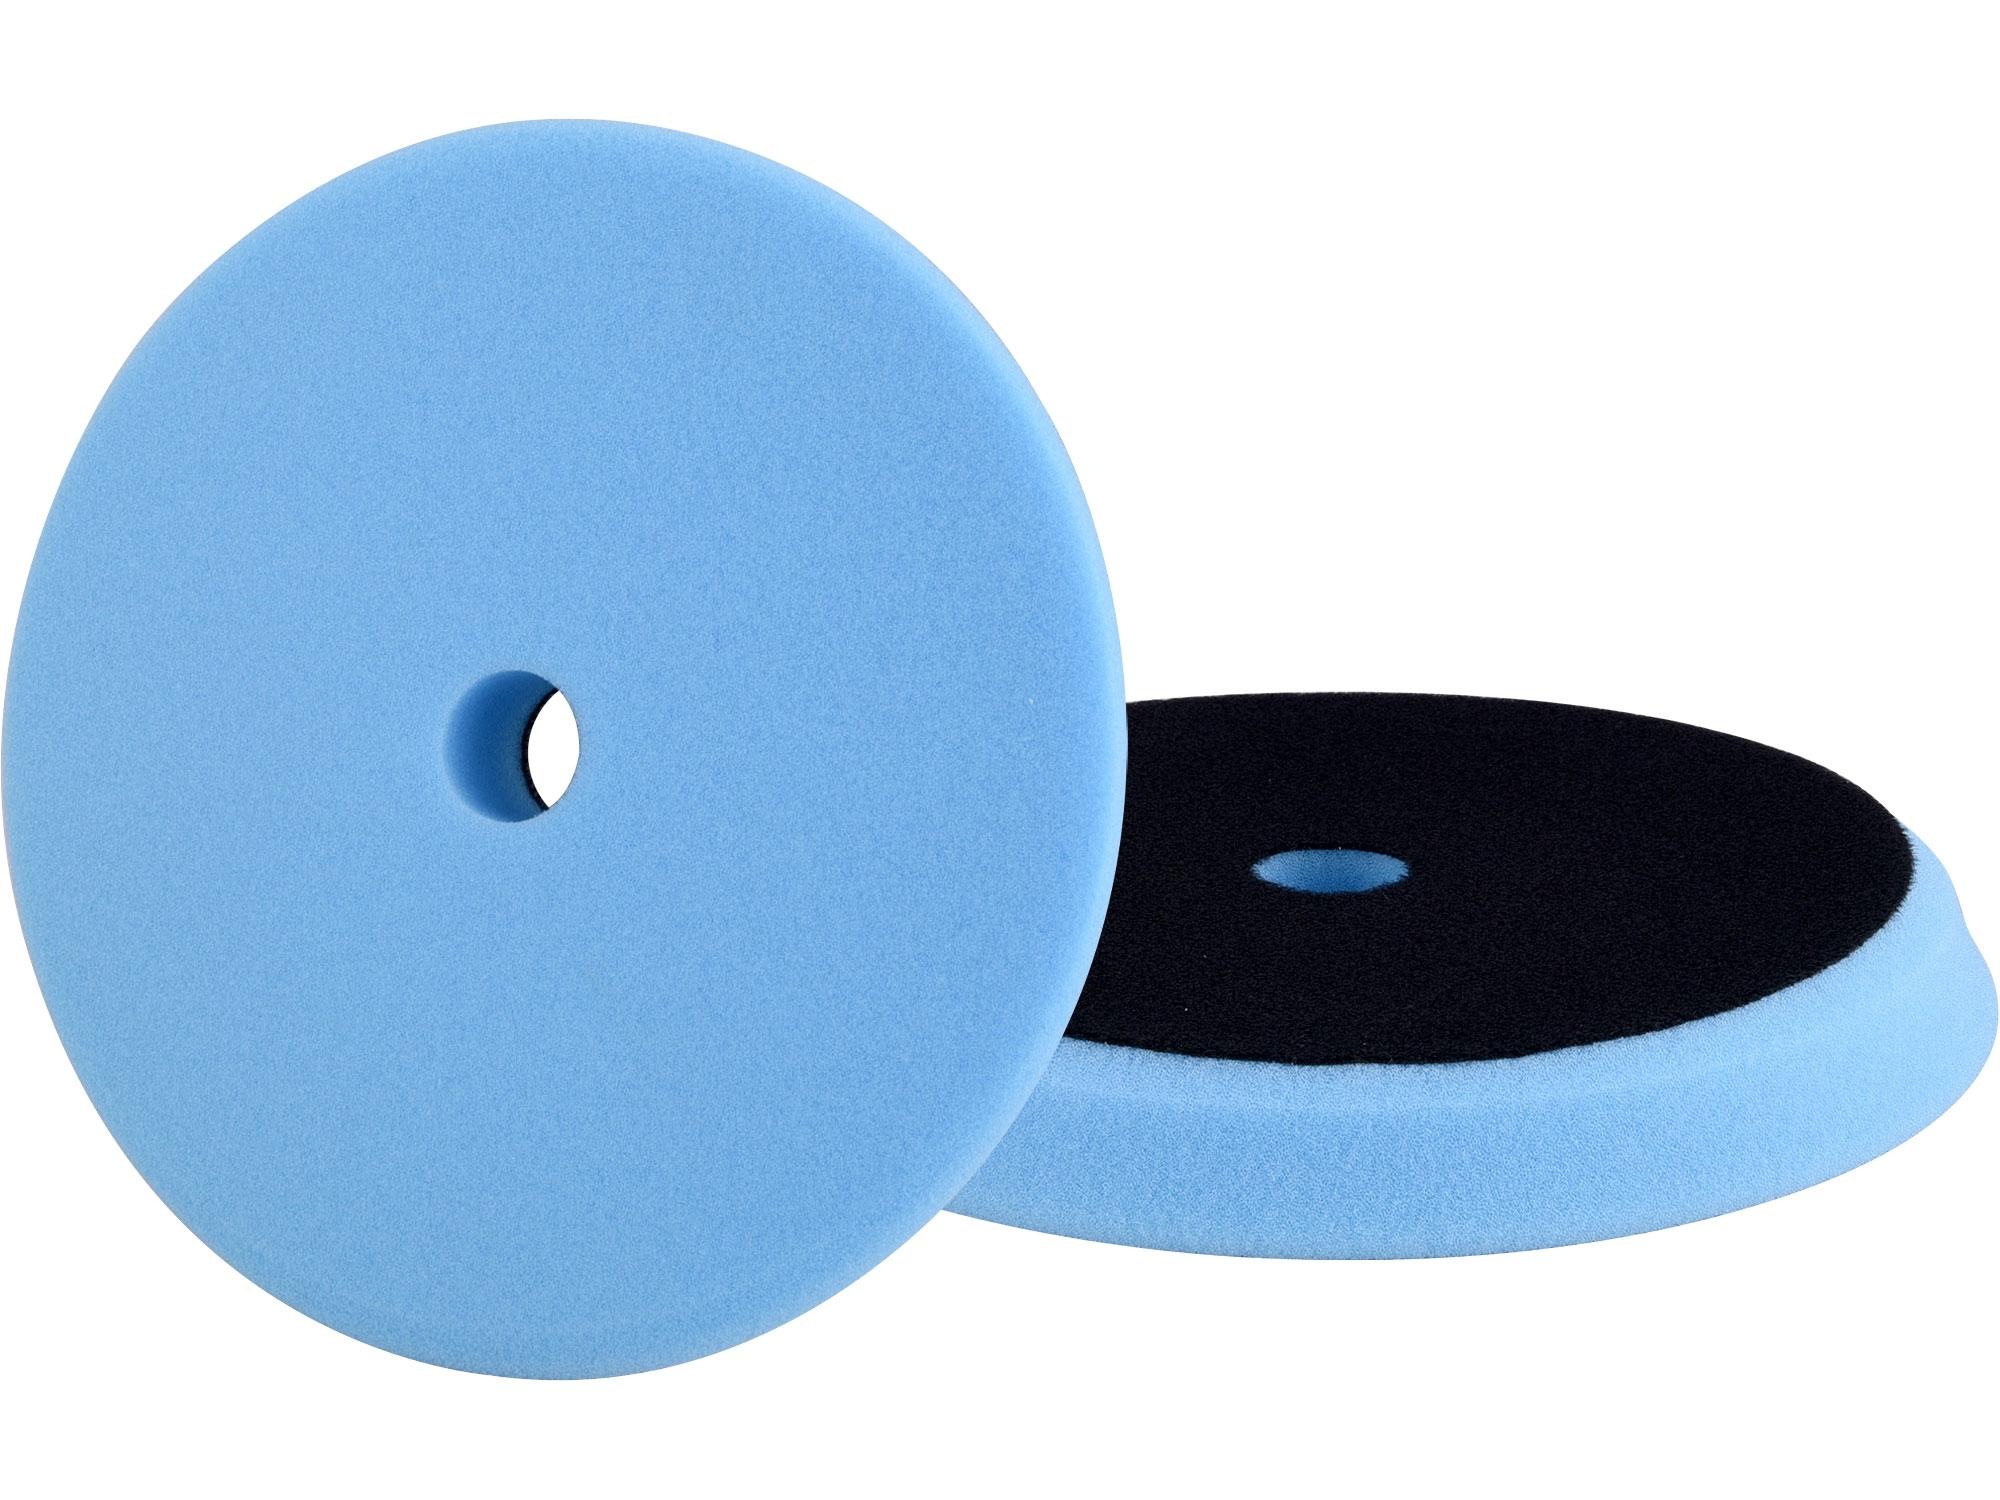 kotouč leštící pěnový, orbitální, T60, modrý, ⌀150x25mm, suchý zip ⌀127mm